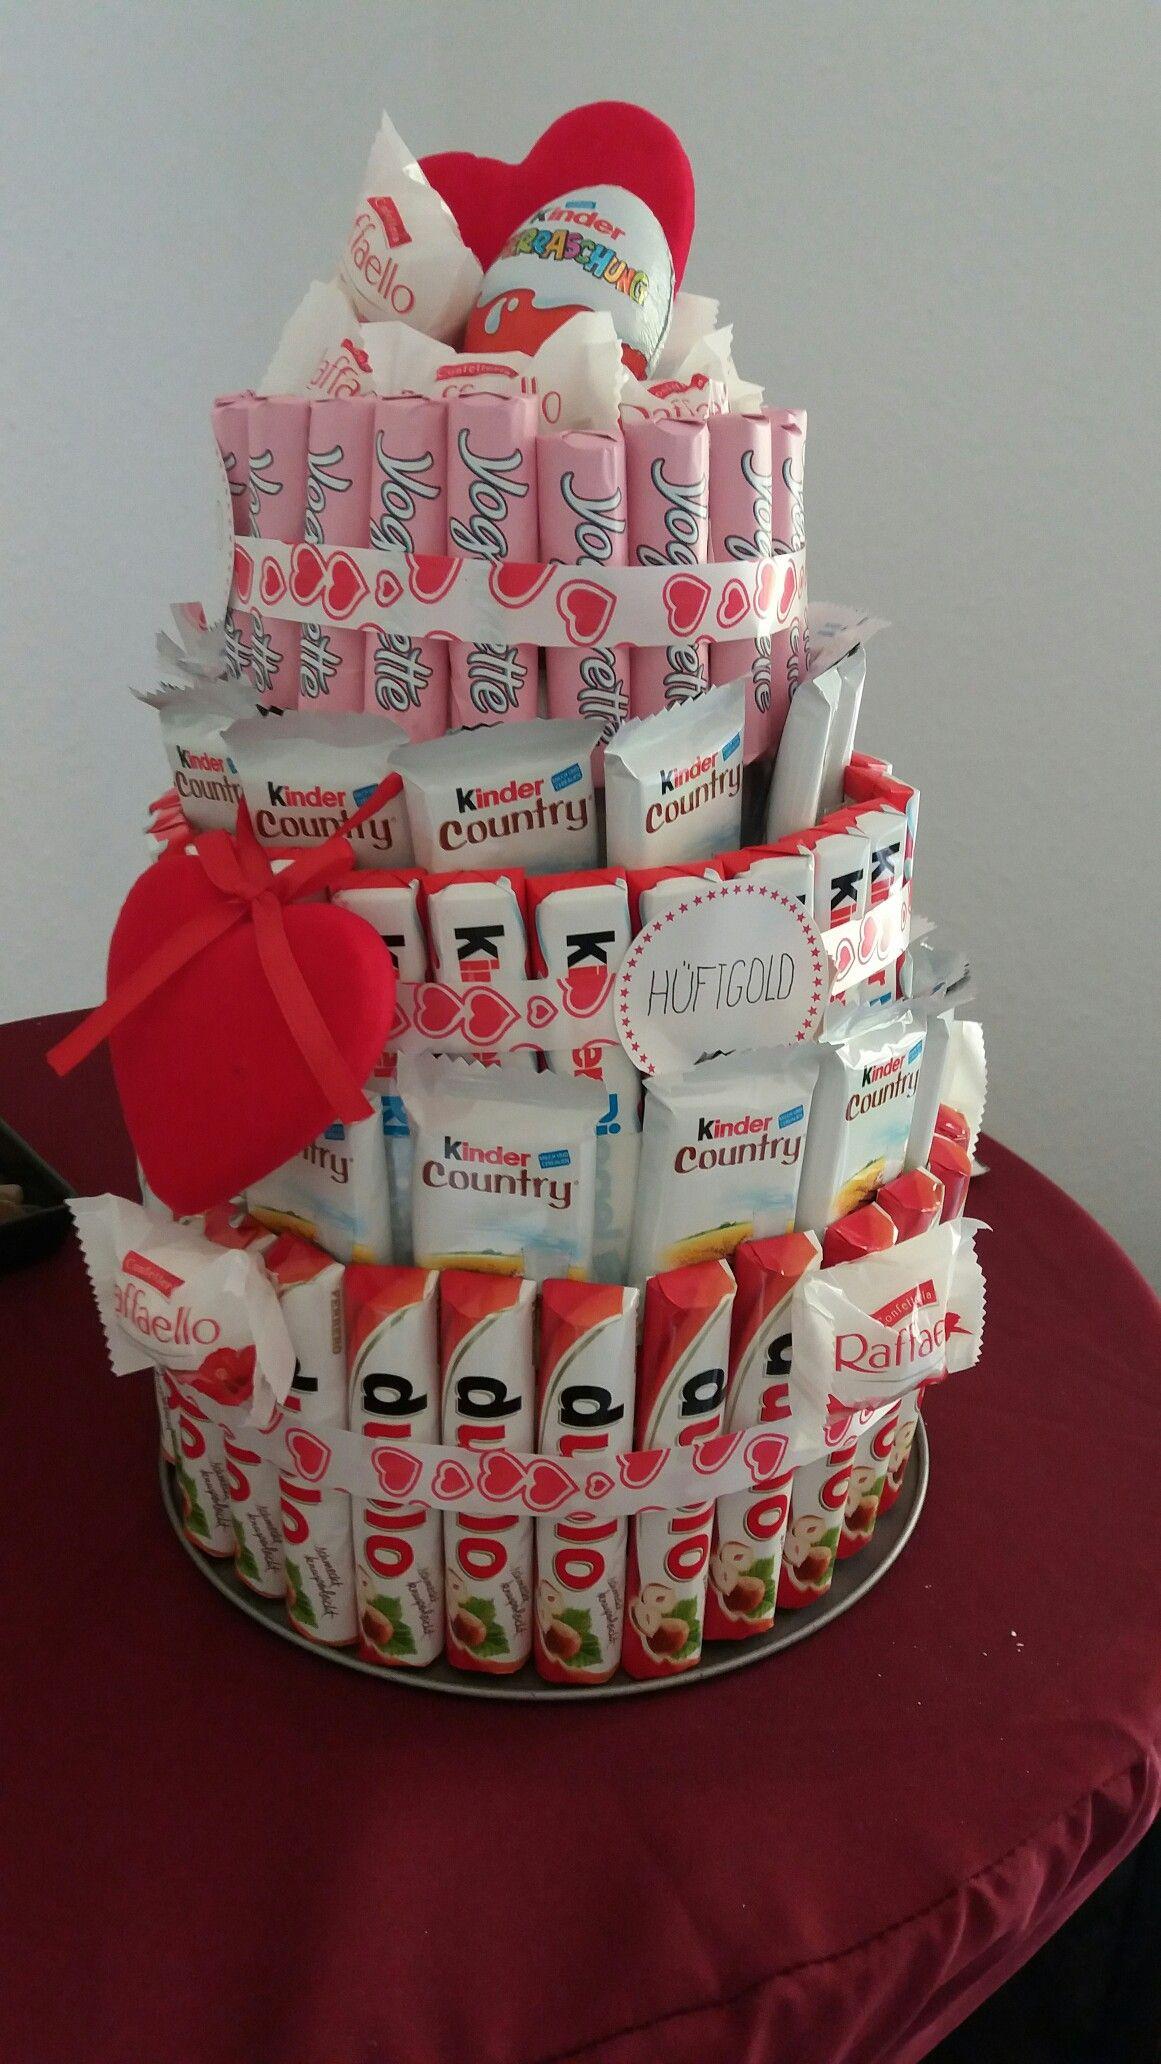 SigkeitenTorte KinderTorte zum Geburtstag CandyBar